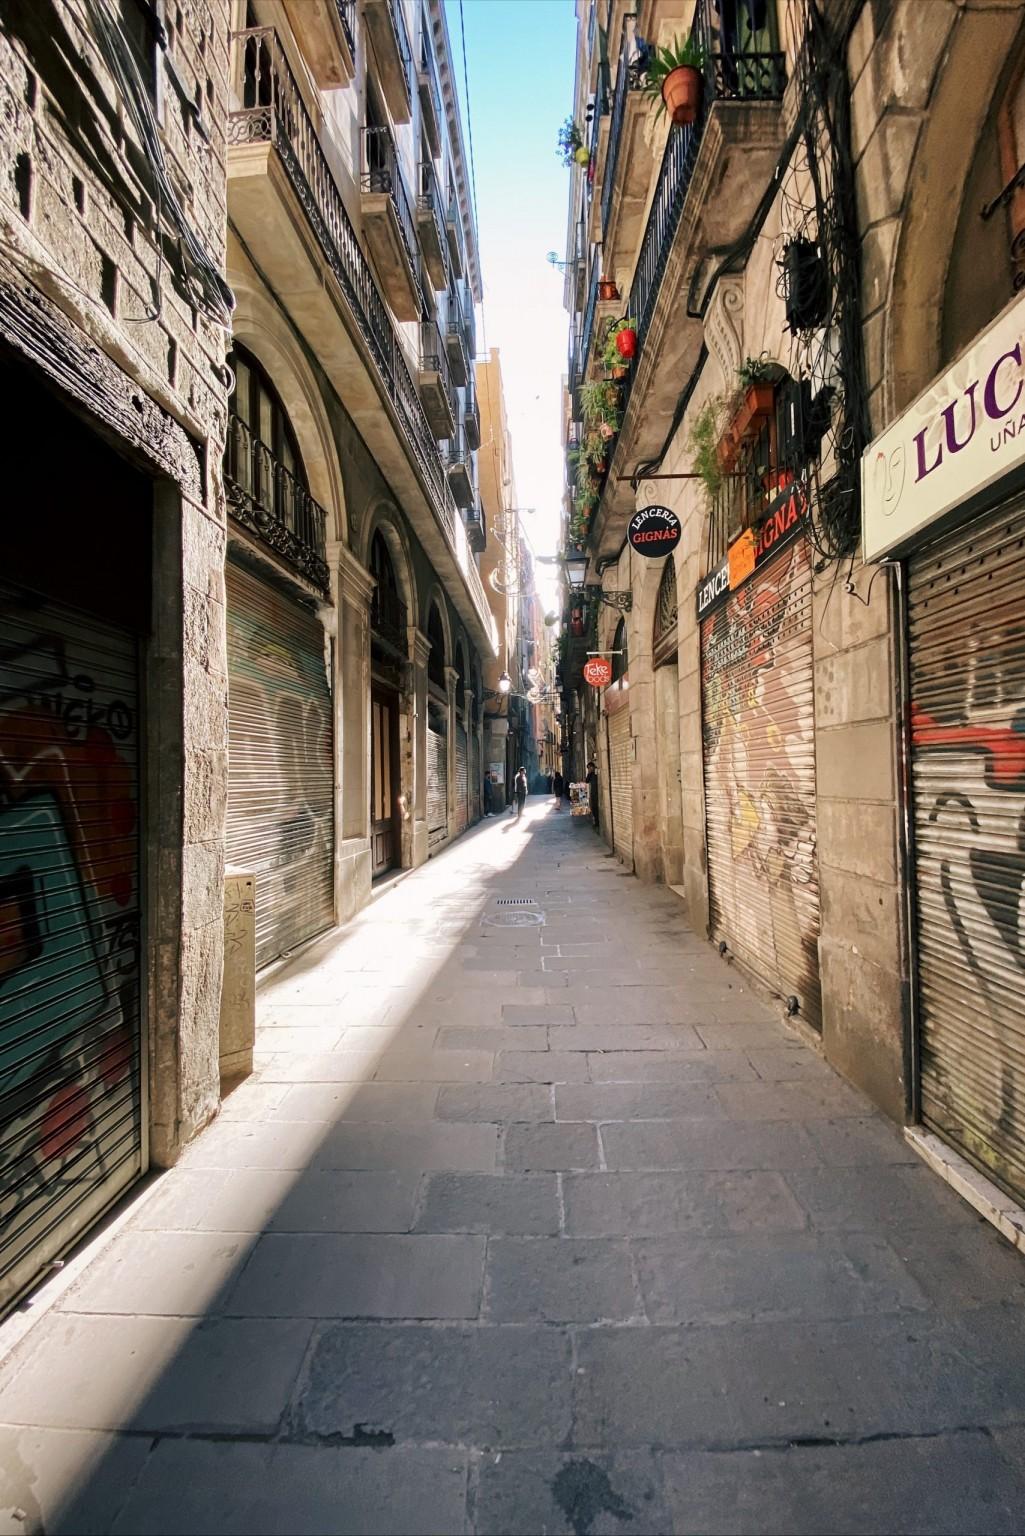 Barcelona's Alleyways